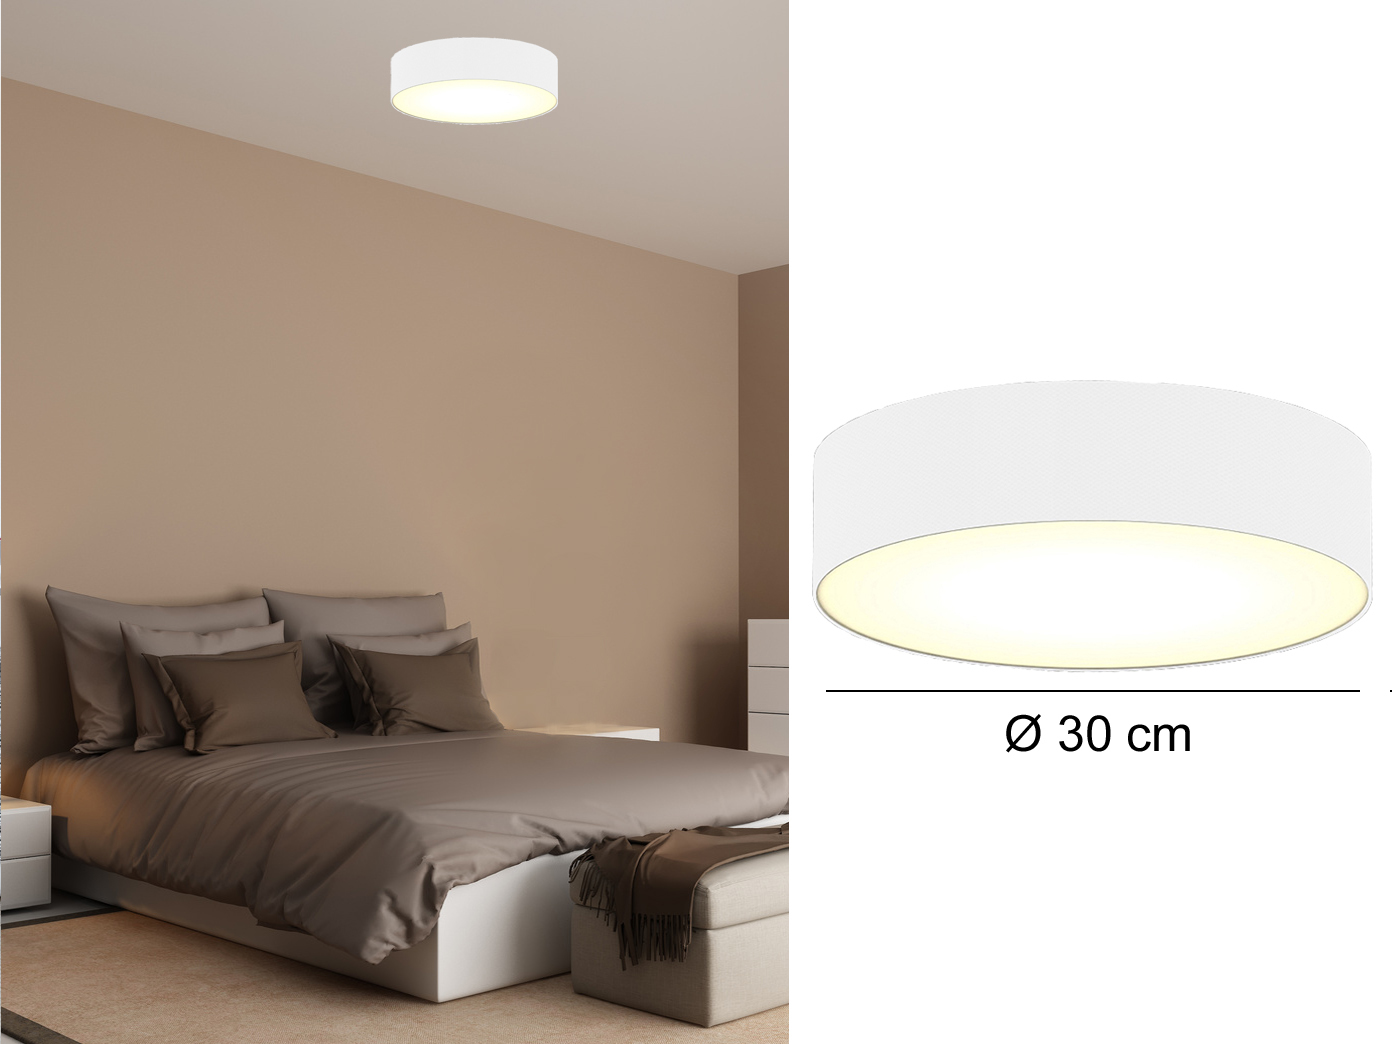 Full Size of Schlafzimmer Deckenlampe Design Deckenleuchte Modern Led Dimmbar Deckenlampen Ikea Obi Landhausstil Ultraslim Wohnzimmer Ip44 Bauhaus Lampe Ideen 55f2203ce6f3b Schlafzimmer Schlafzimmer Deckenlampe